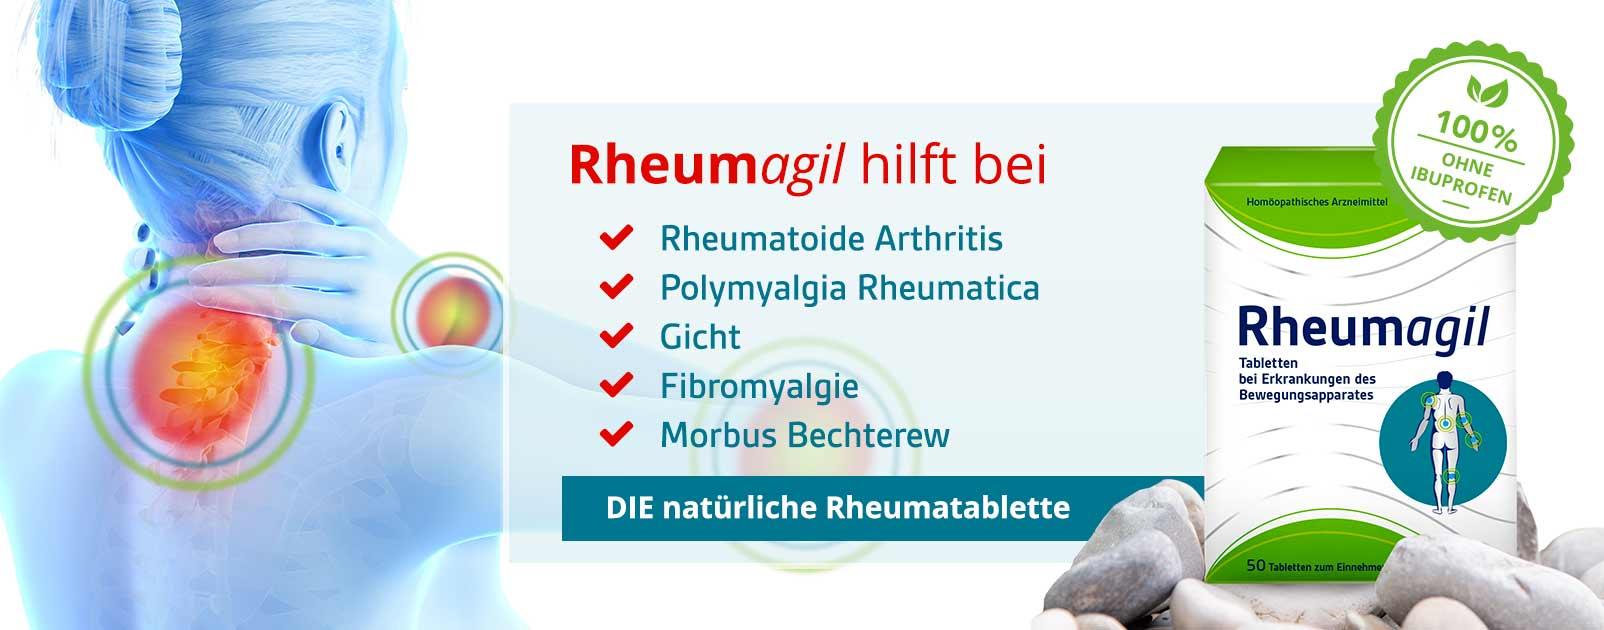 Rheumagil Schmerztabletten ohne Ibuprofen